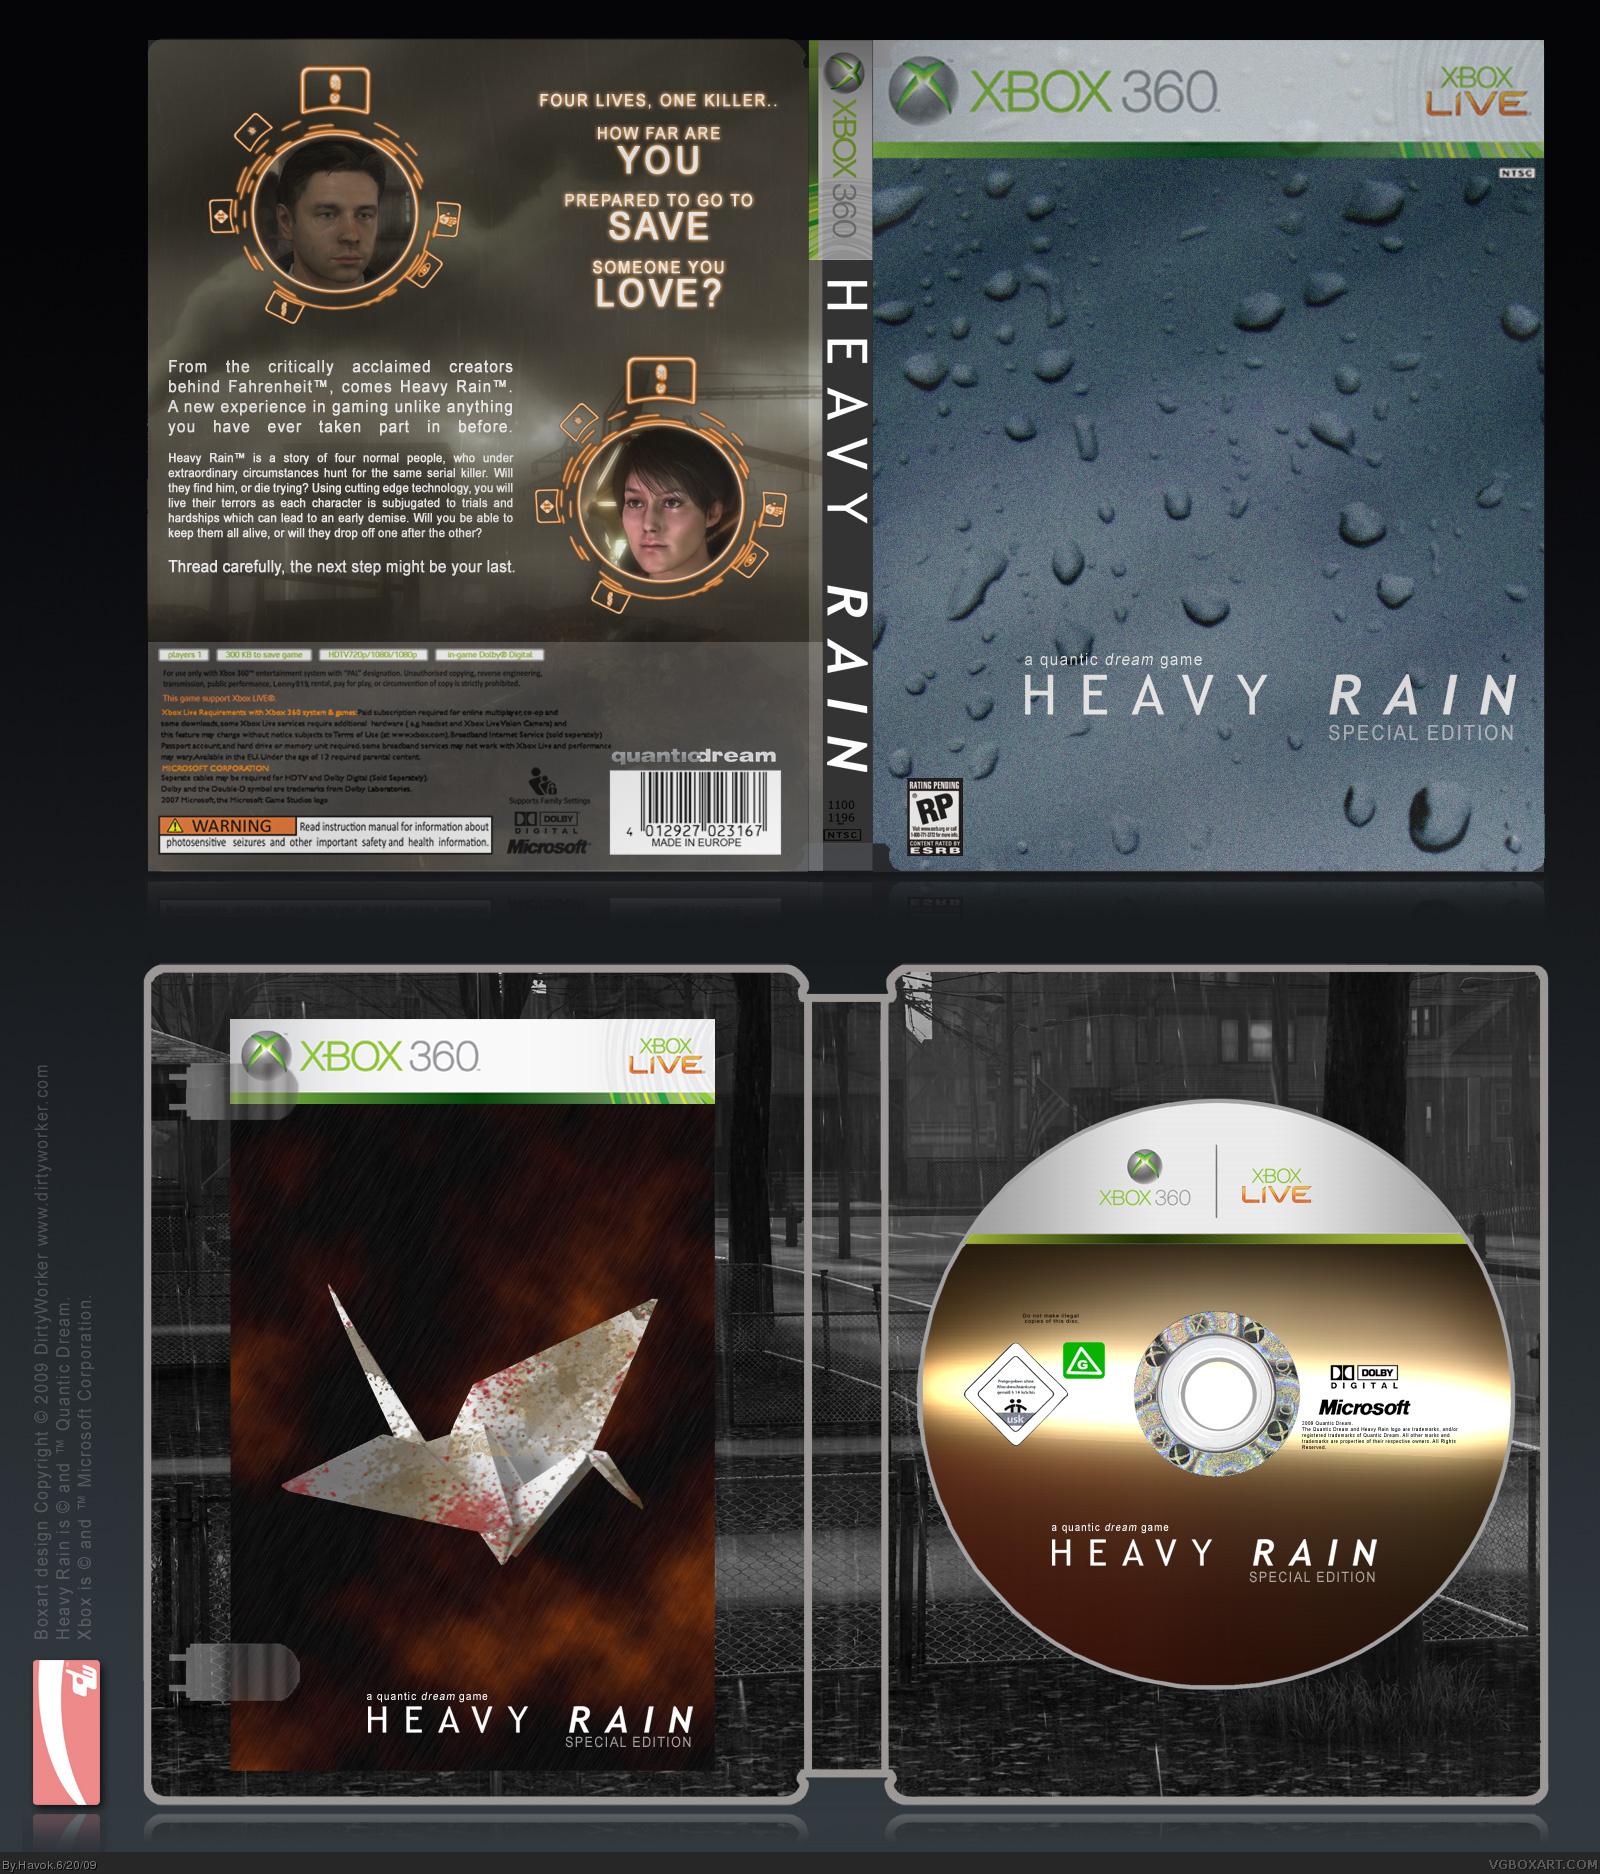 heavy rain xbox 360 box art cover by havok